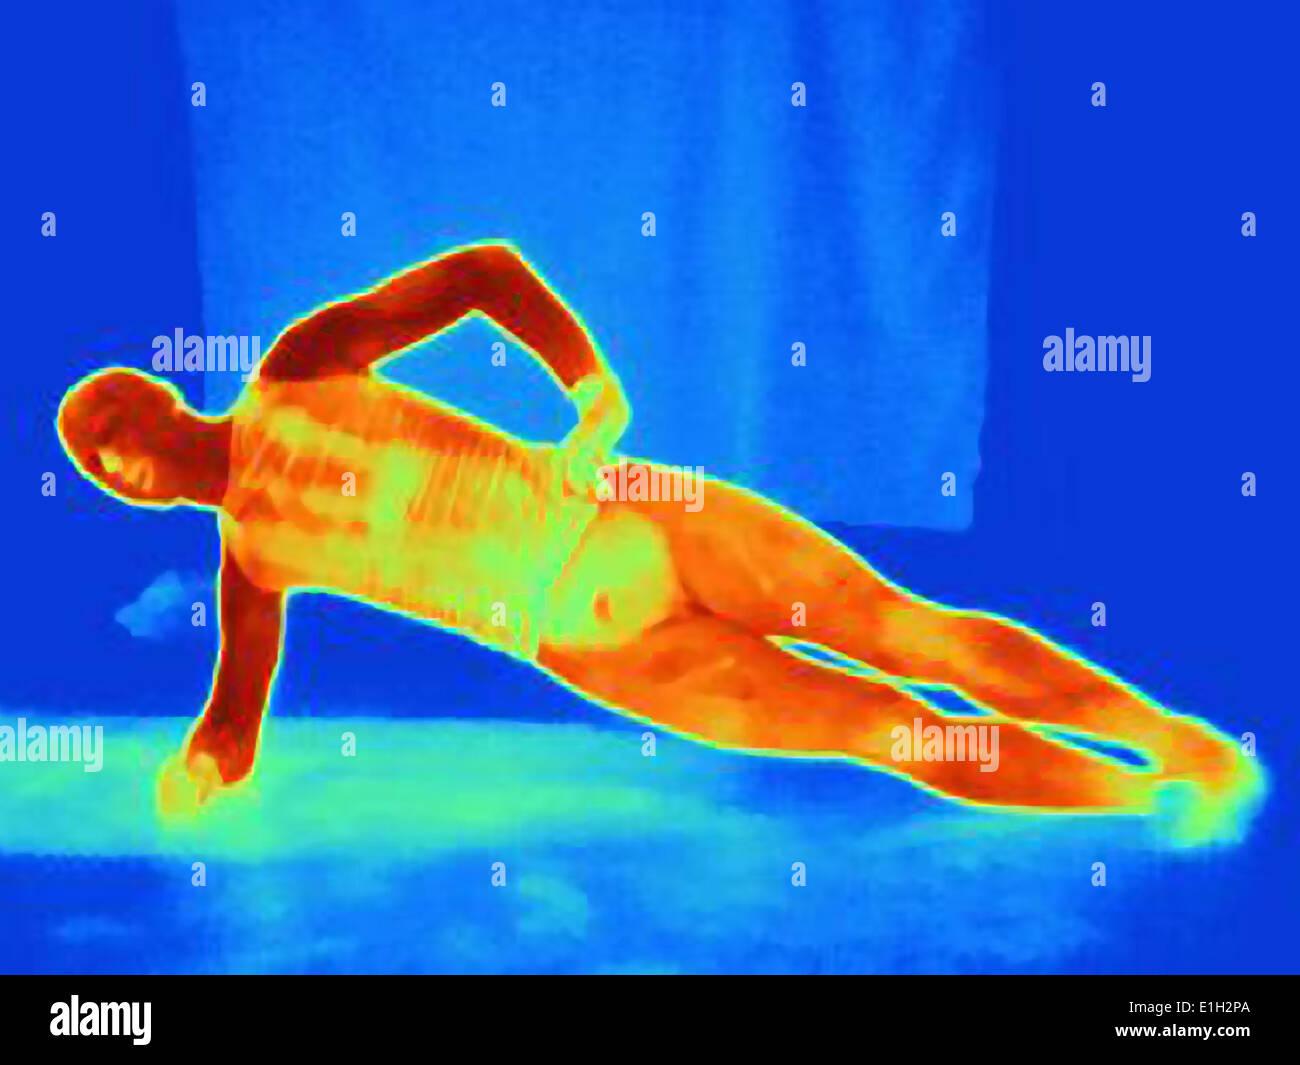 Image thermique de jeune homme faisant un bras poussez se lève. L'image montre la chaleur produite par les muscles Photo Stock